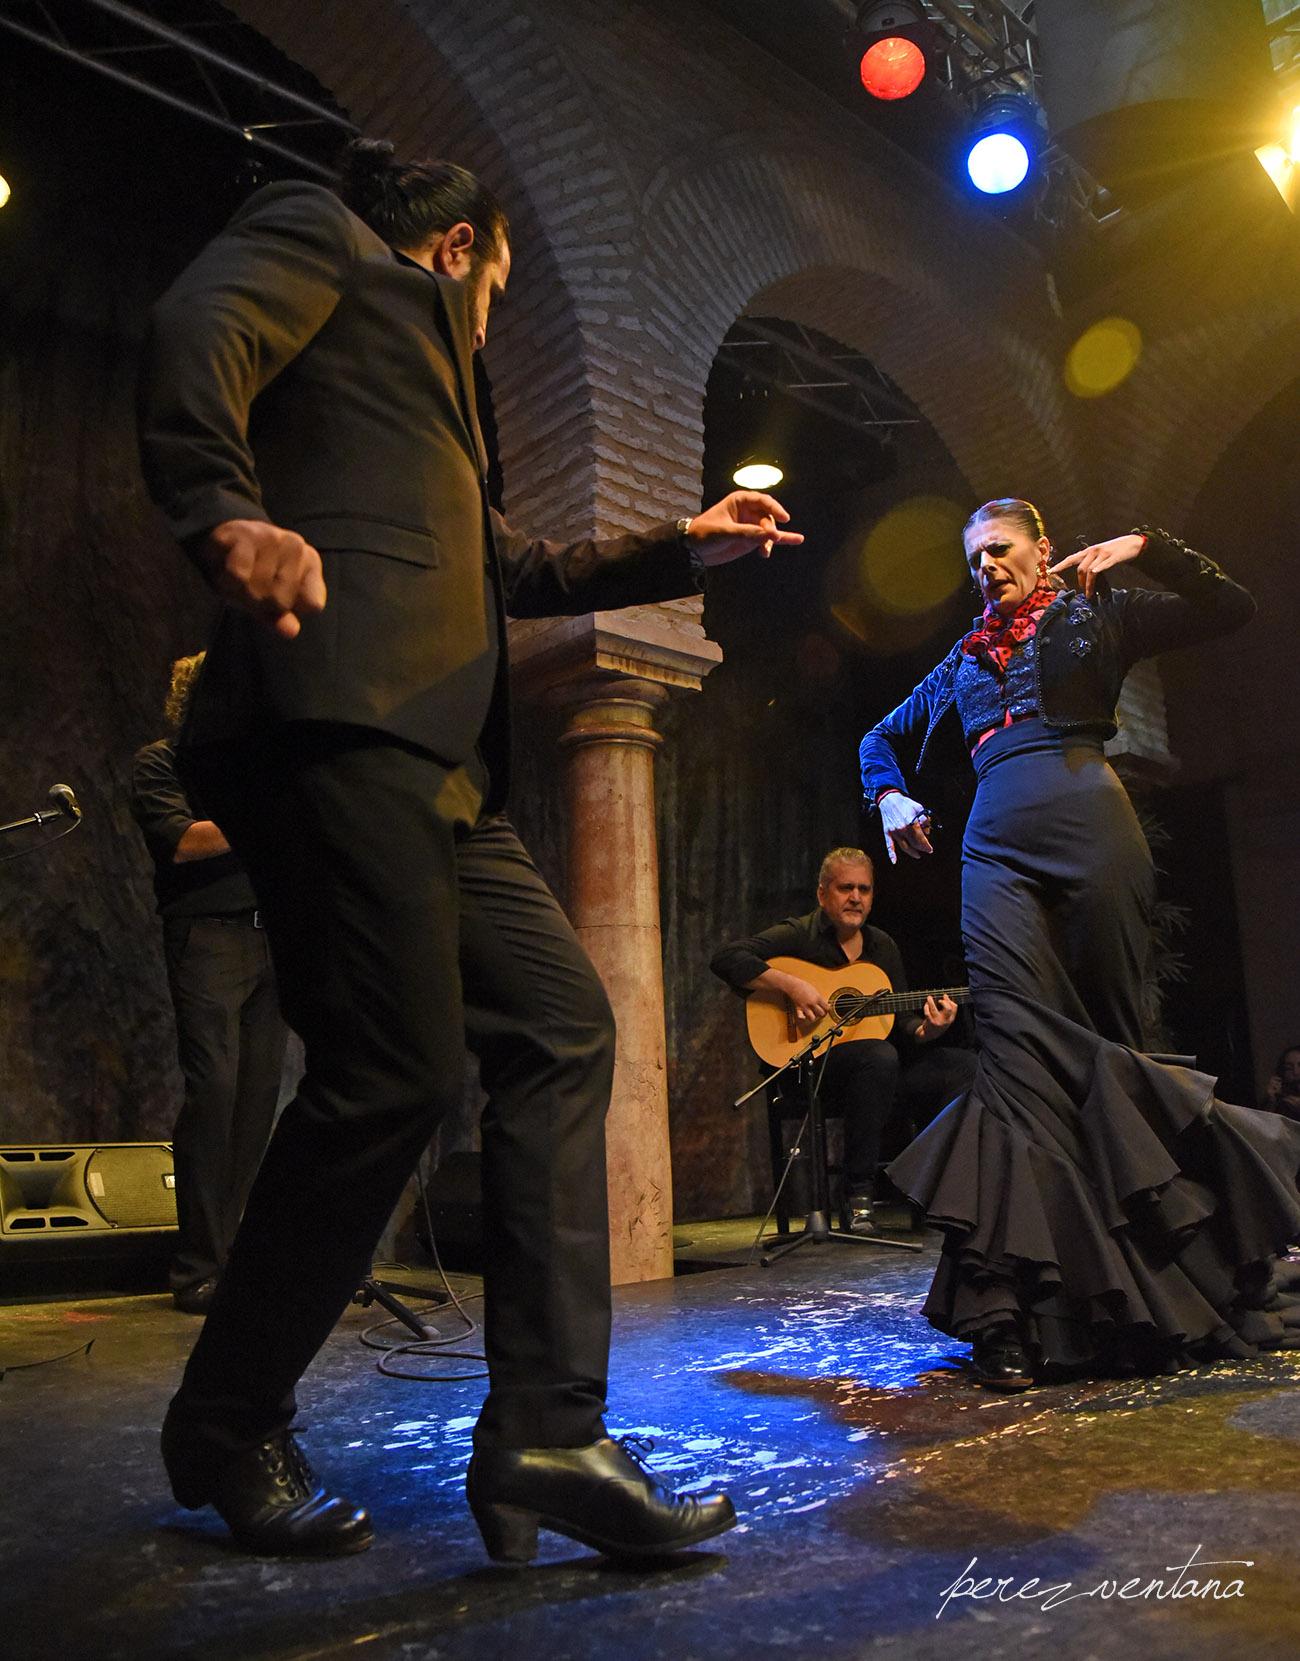 Los bailaores Rocío Alcaide y El Choro. Presentación de la alianza «Authentic Flamenco Quality Establishments» en el Museo del Baile Flamenco. 8 octubre 2019. Foto: perezventana